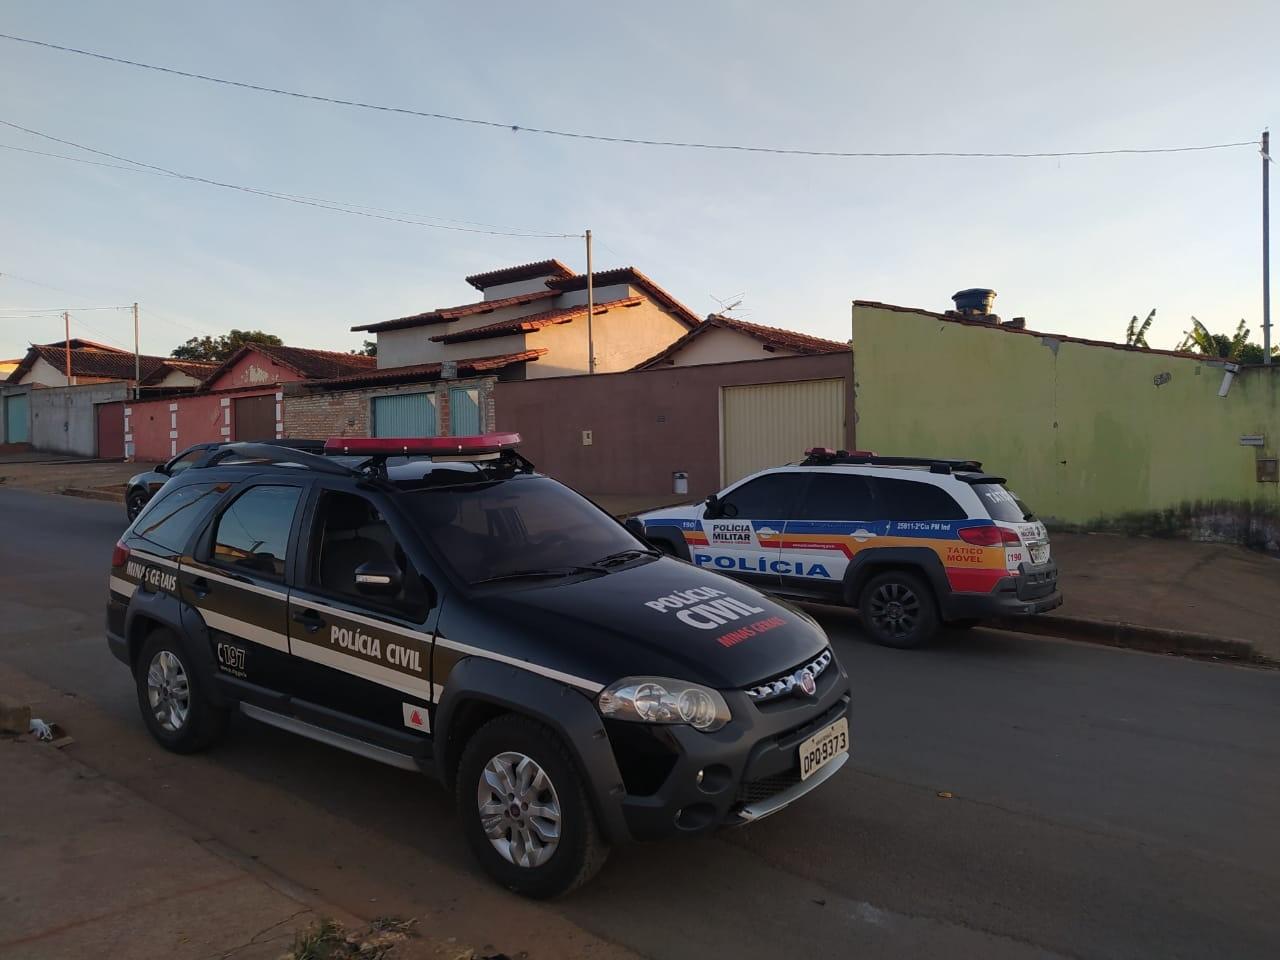 Polícia prende suspeitos de matar homem por disputa de tráfico de drogas, em Taiobeiras